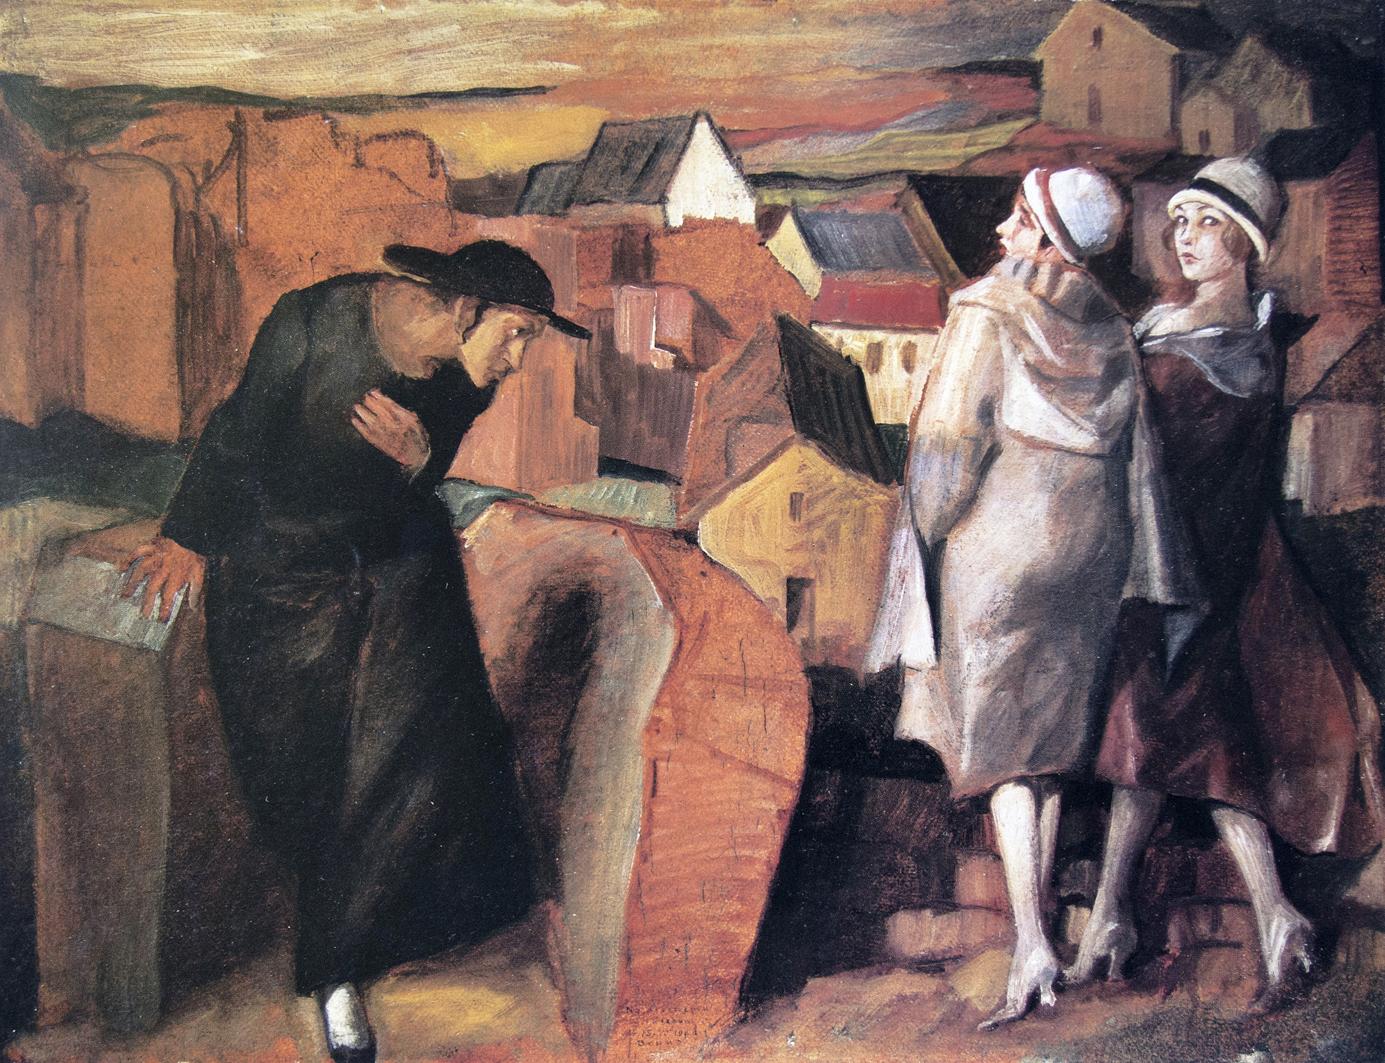 Бруно Шульц. Зустріч, 1922; картон, олія; MSL